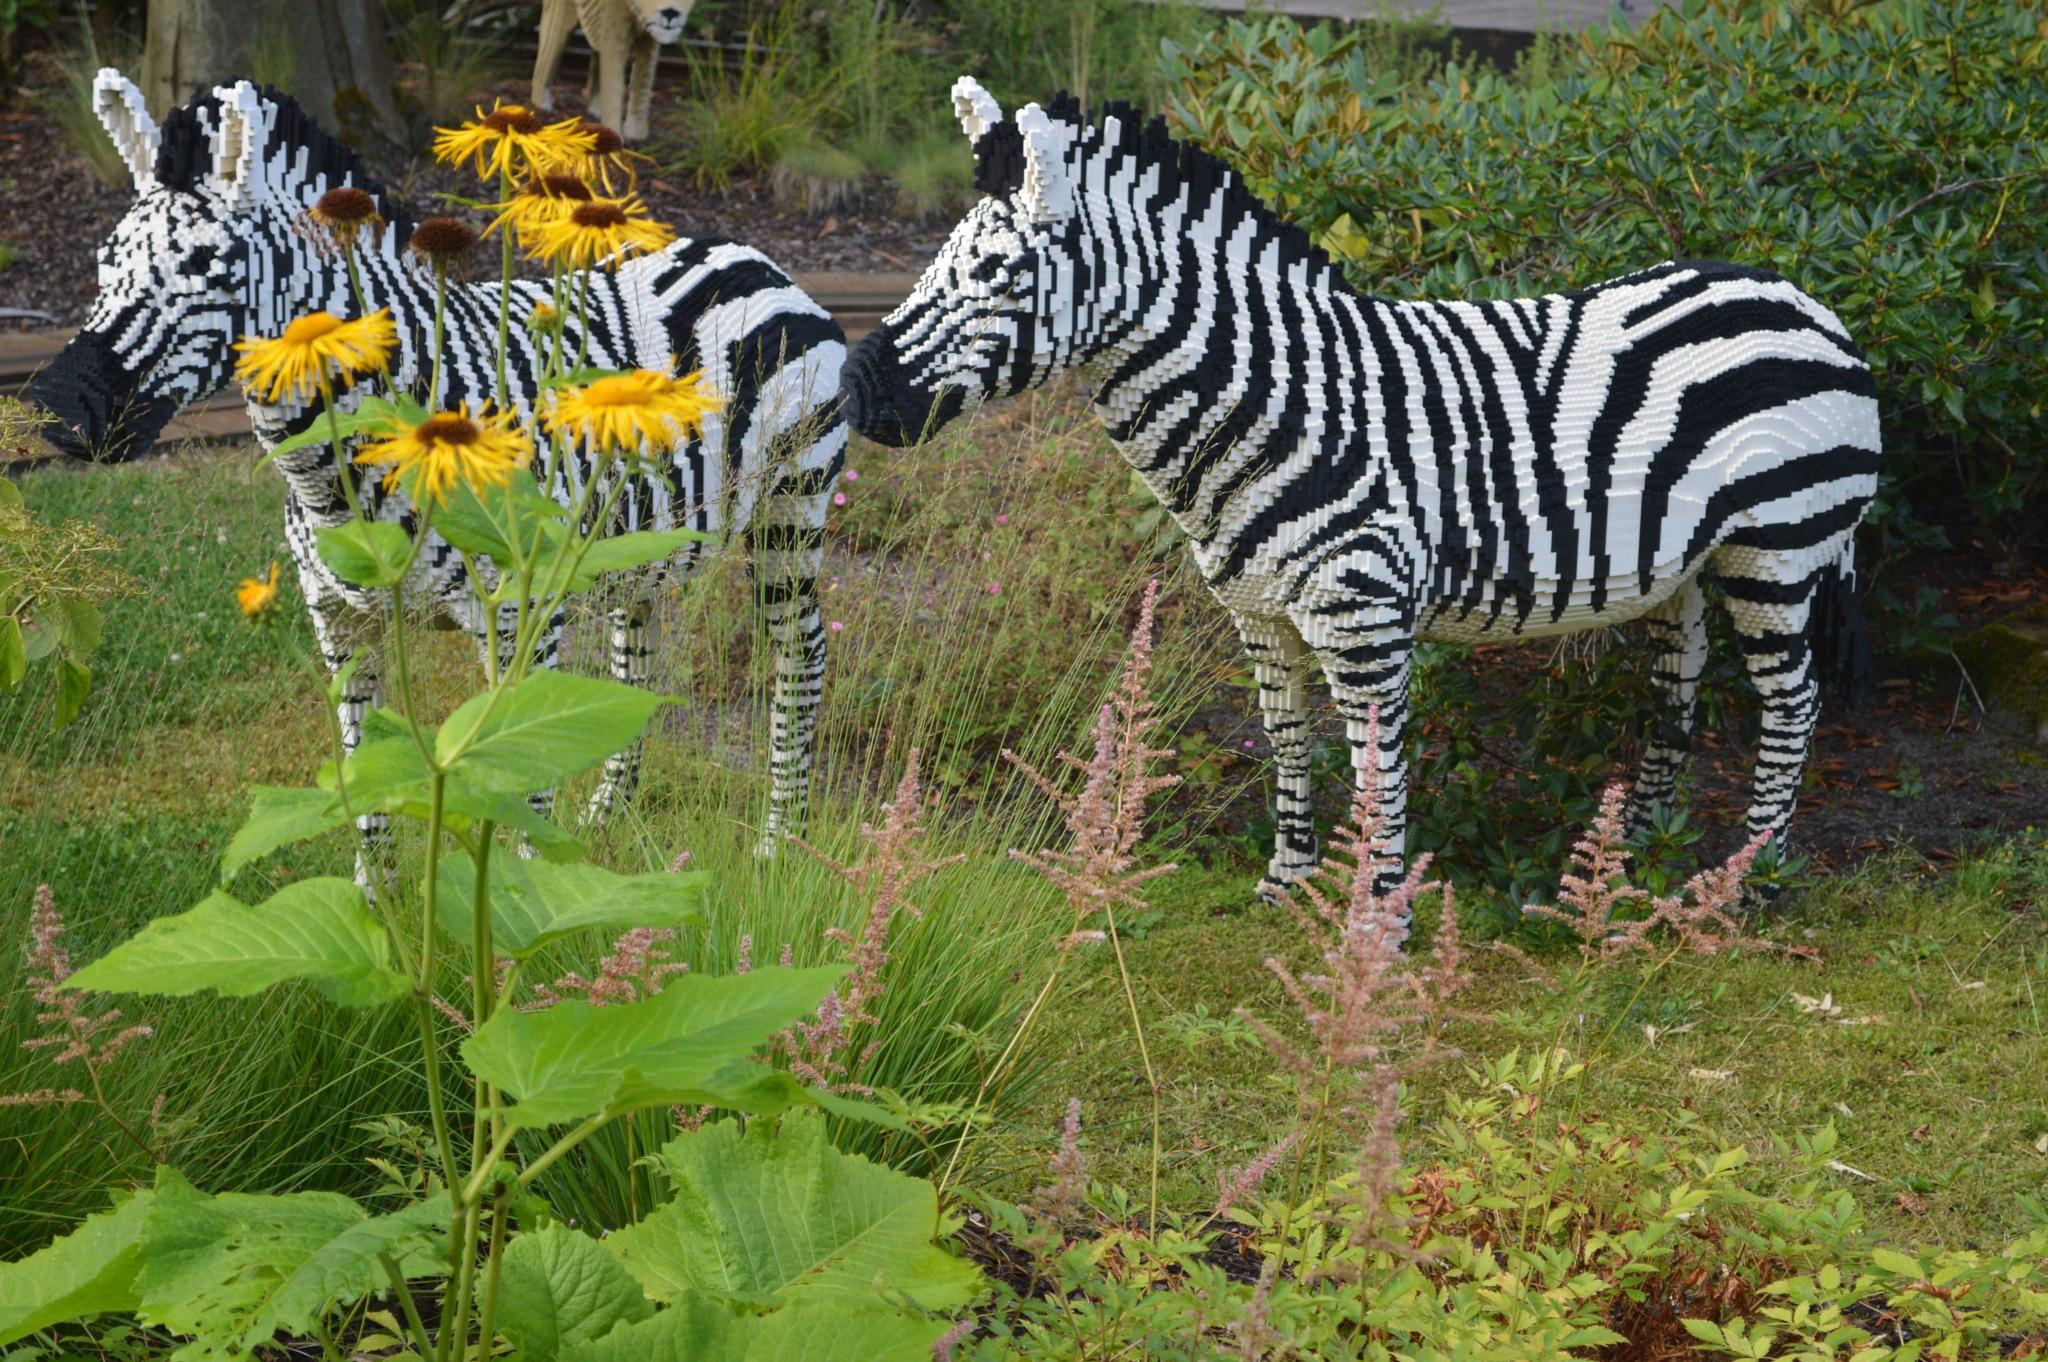 lego zebra  by Ramzan Rafique